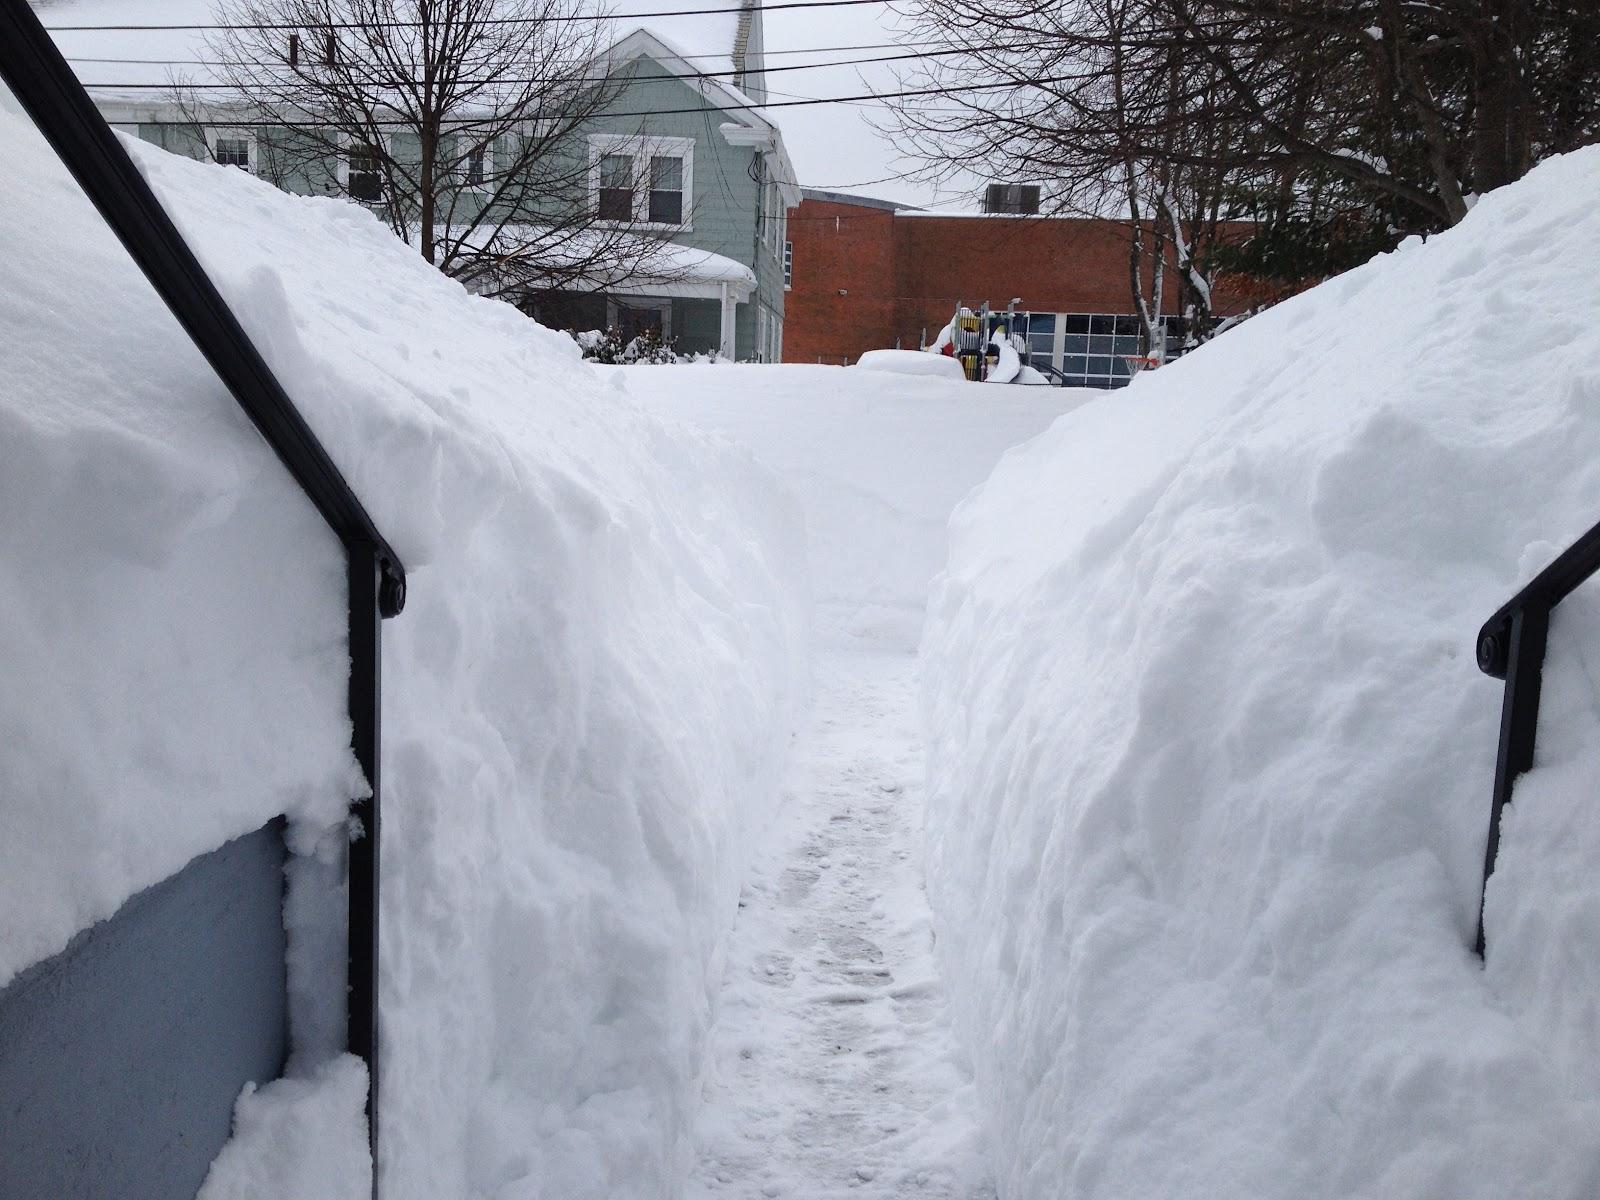 snow 2 15 15.jpg